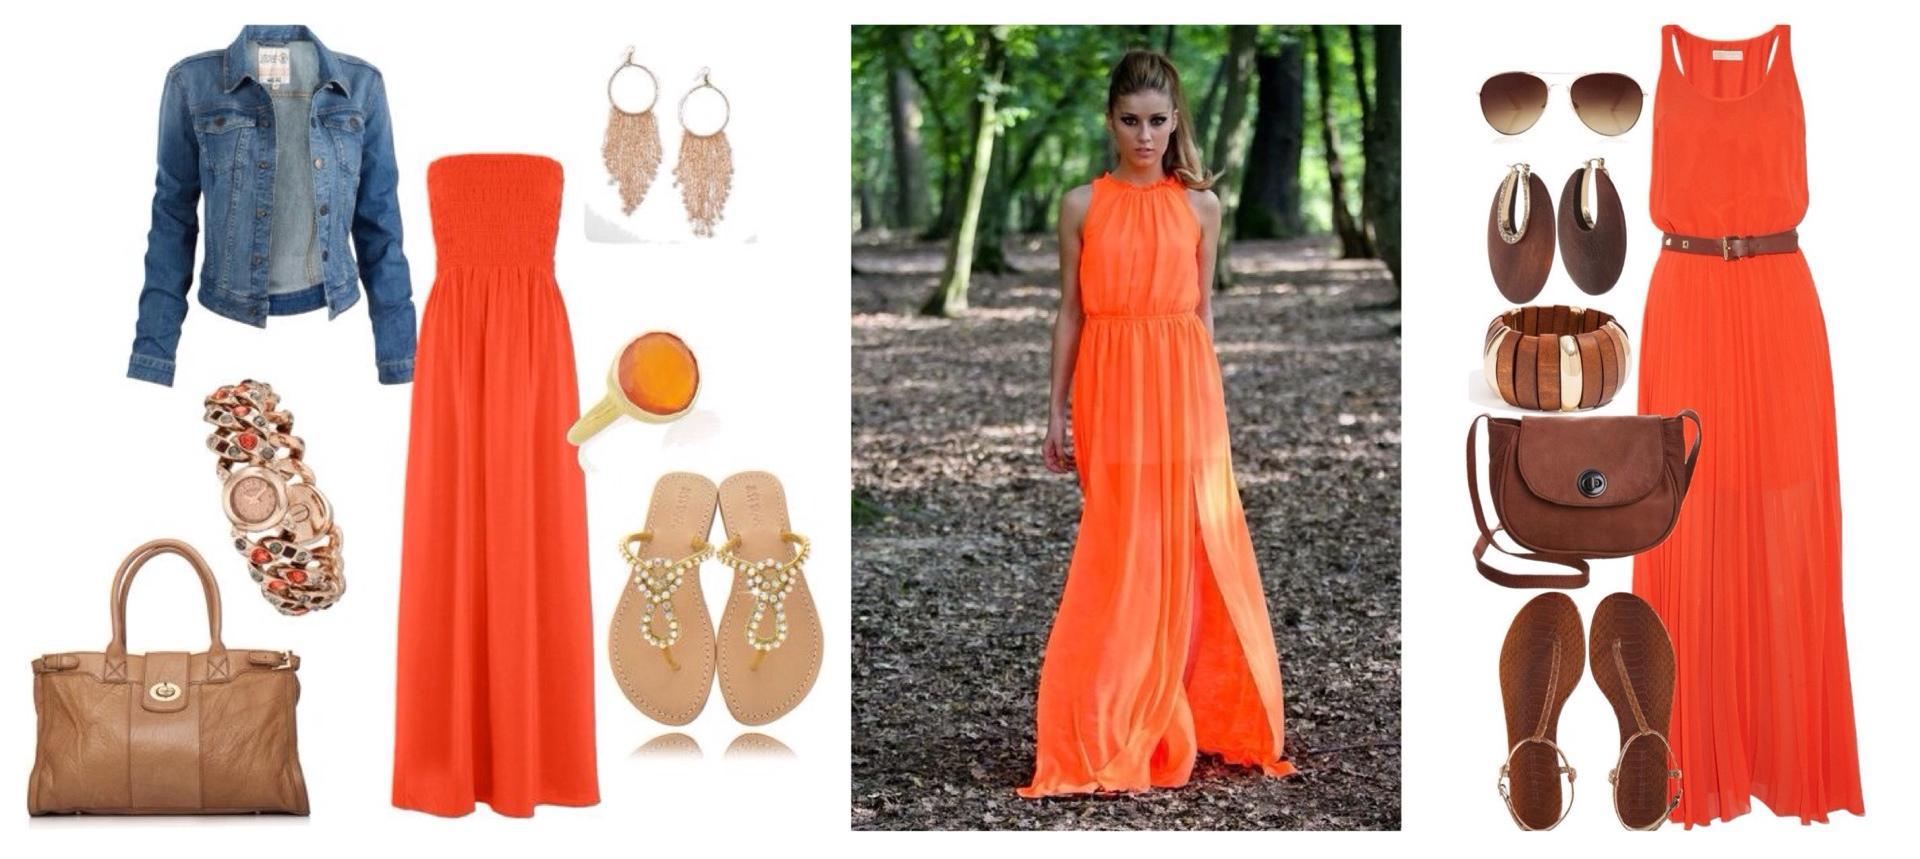 Твое платье цветом апельсина